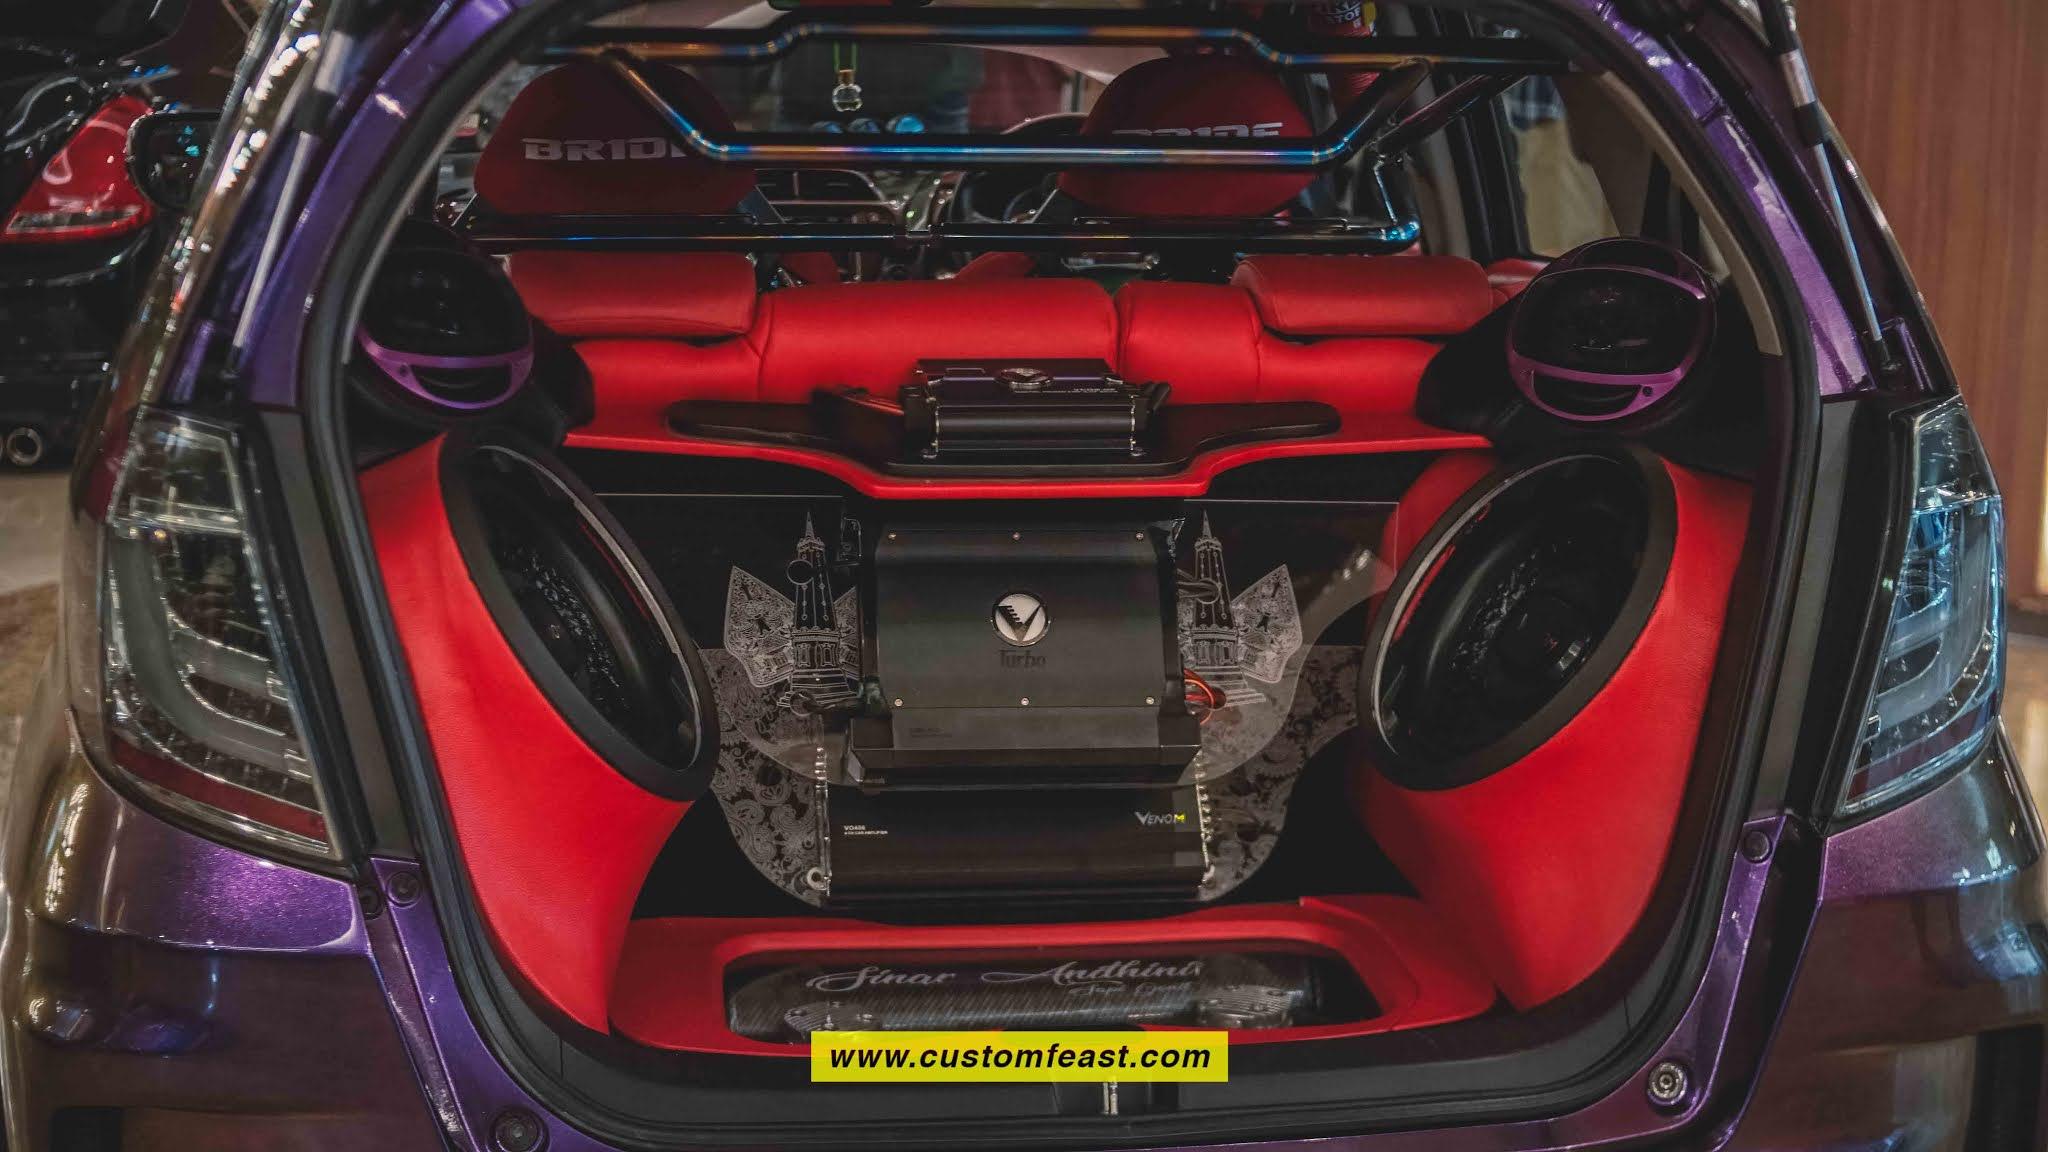 Car audio repair services near me